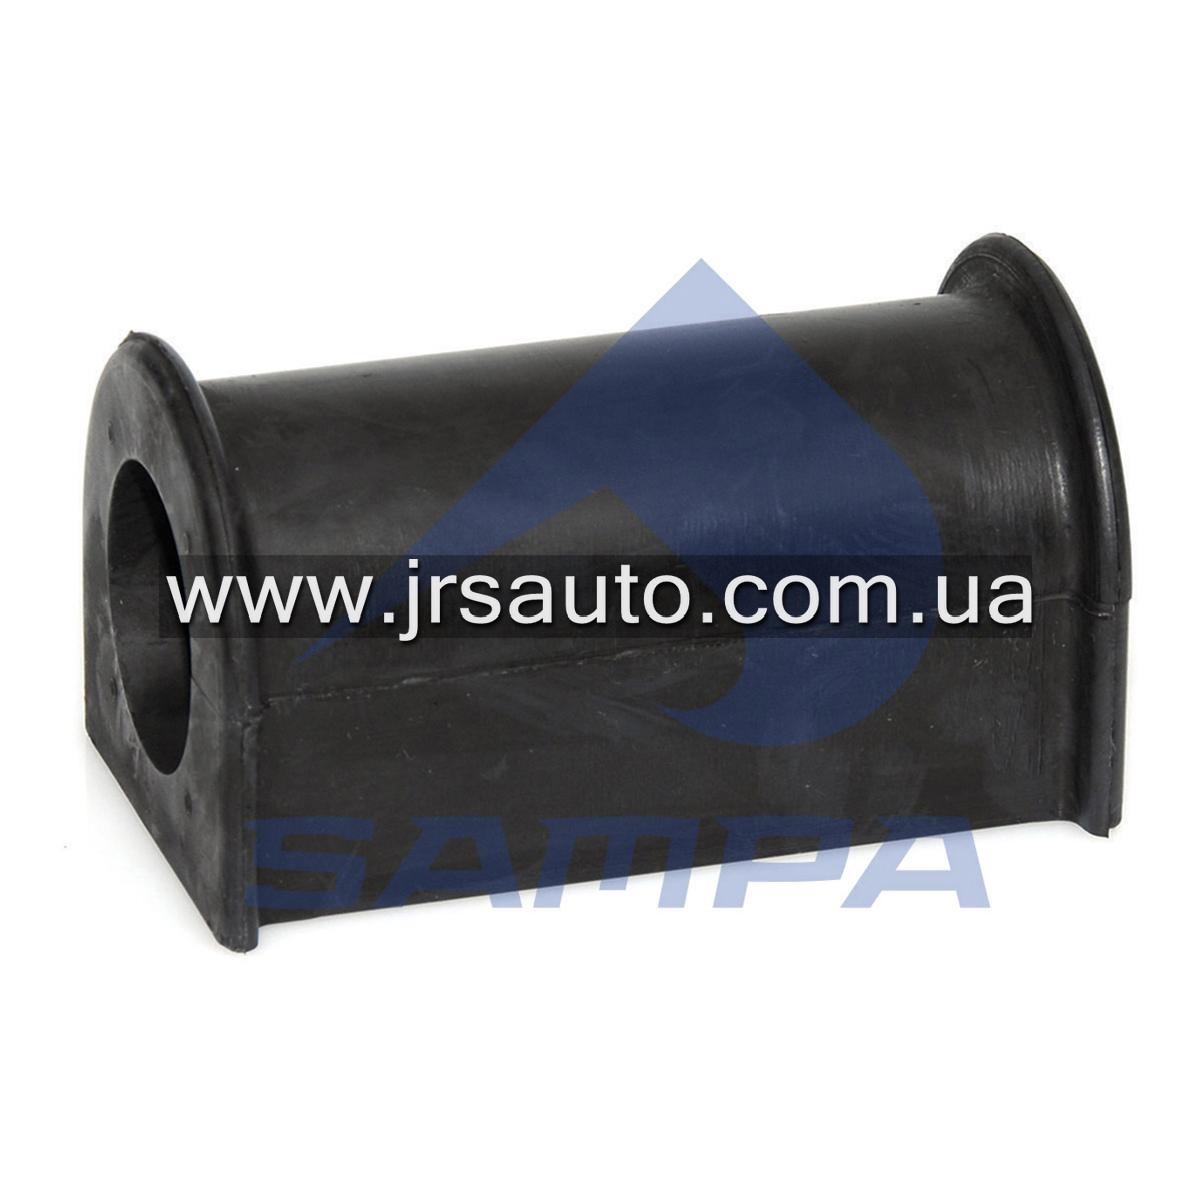 Втулки стабилизатора d40x65 SCANIA 3/4 серия \213604 \ 040.001